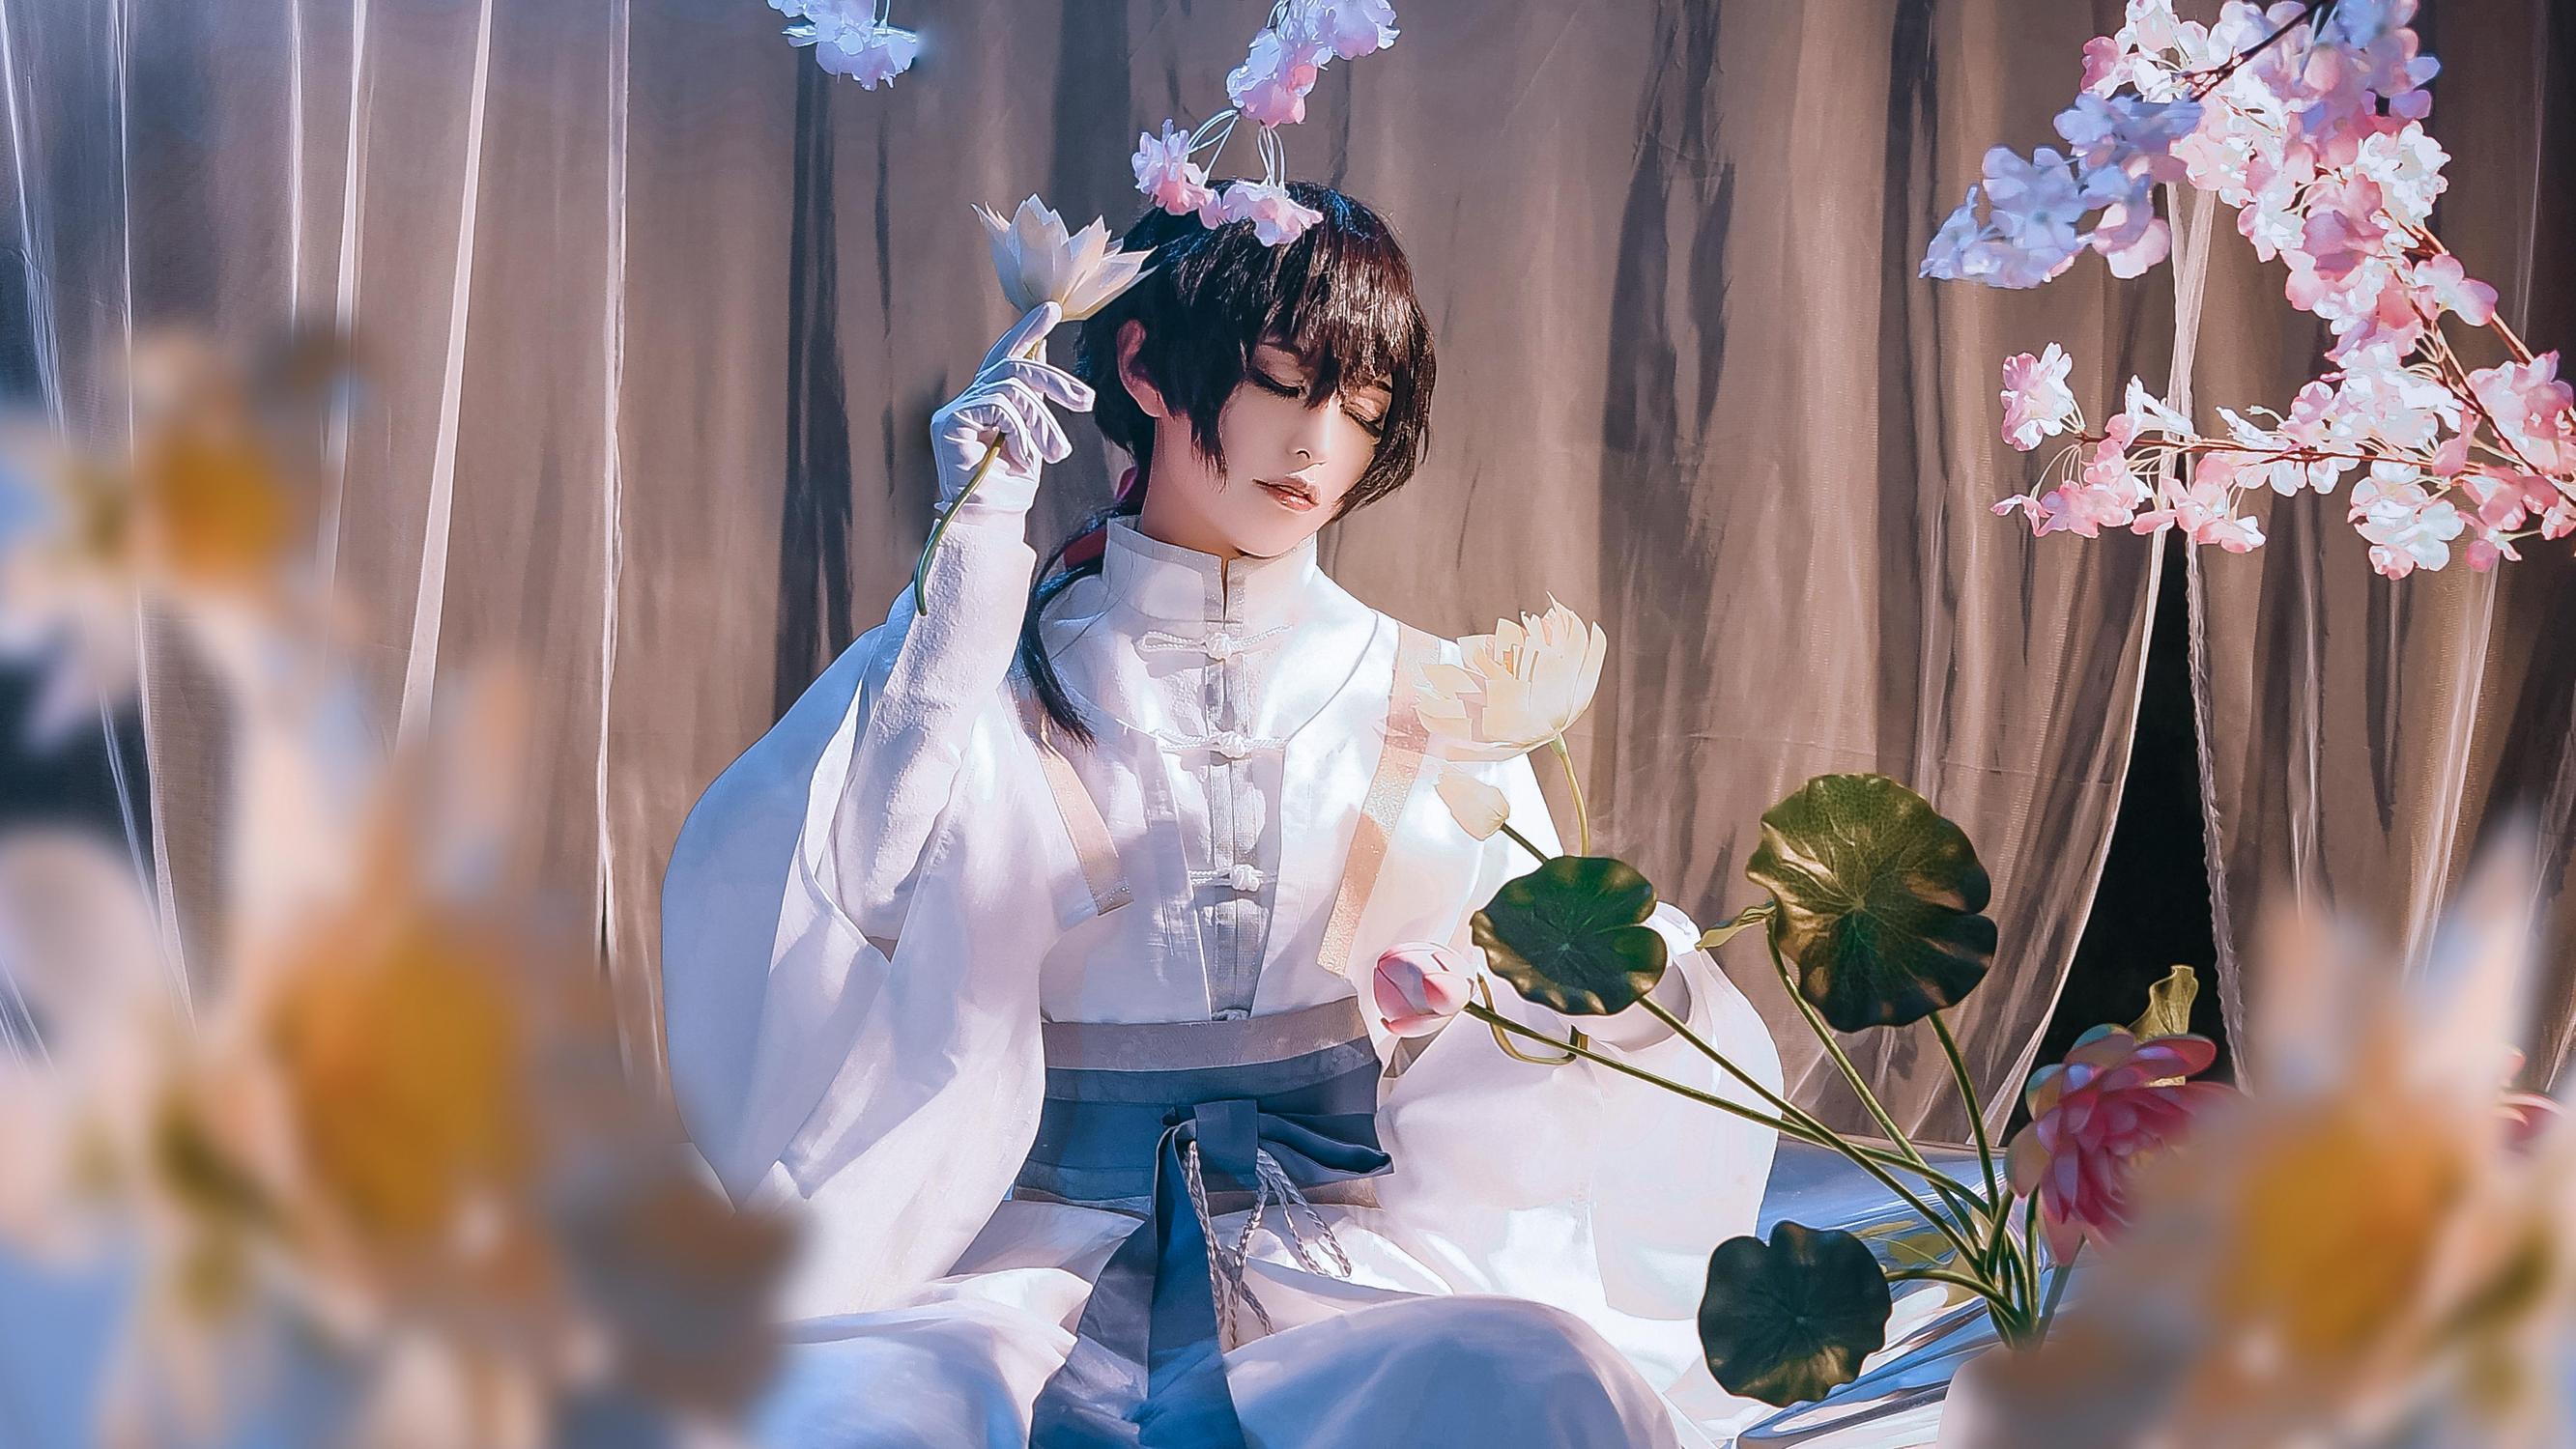 《文豪野犬》文豪野犬太宰治cosplay【CN:bab工作室啵比】-第8张